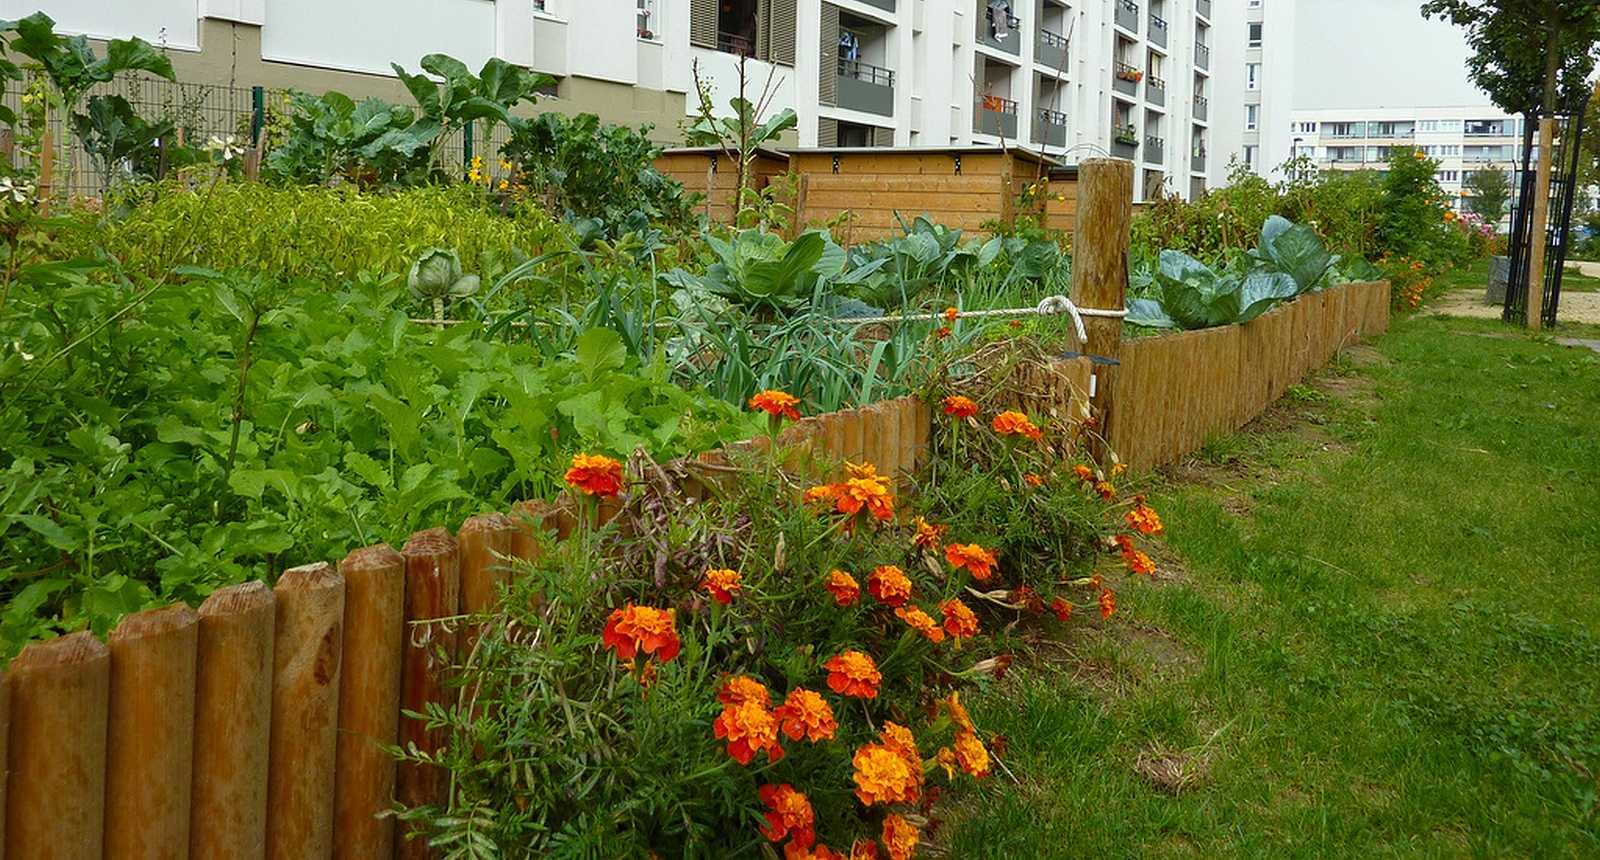 Photo les jardins ouvriers du z phyr aulnay sous bois - Petit jardin potager facile aulnay sous bois ...